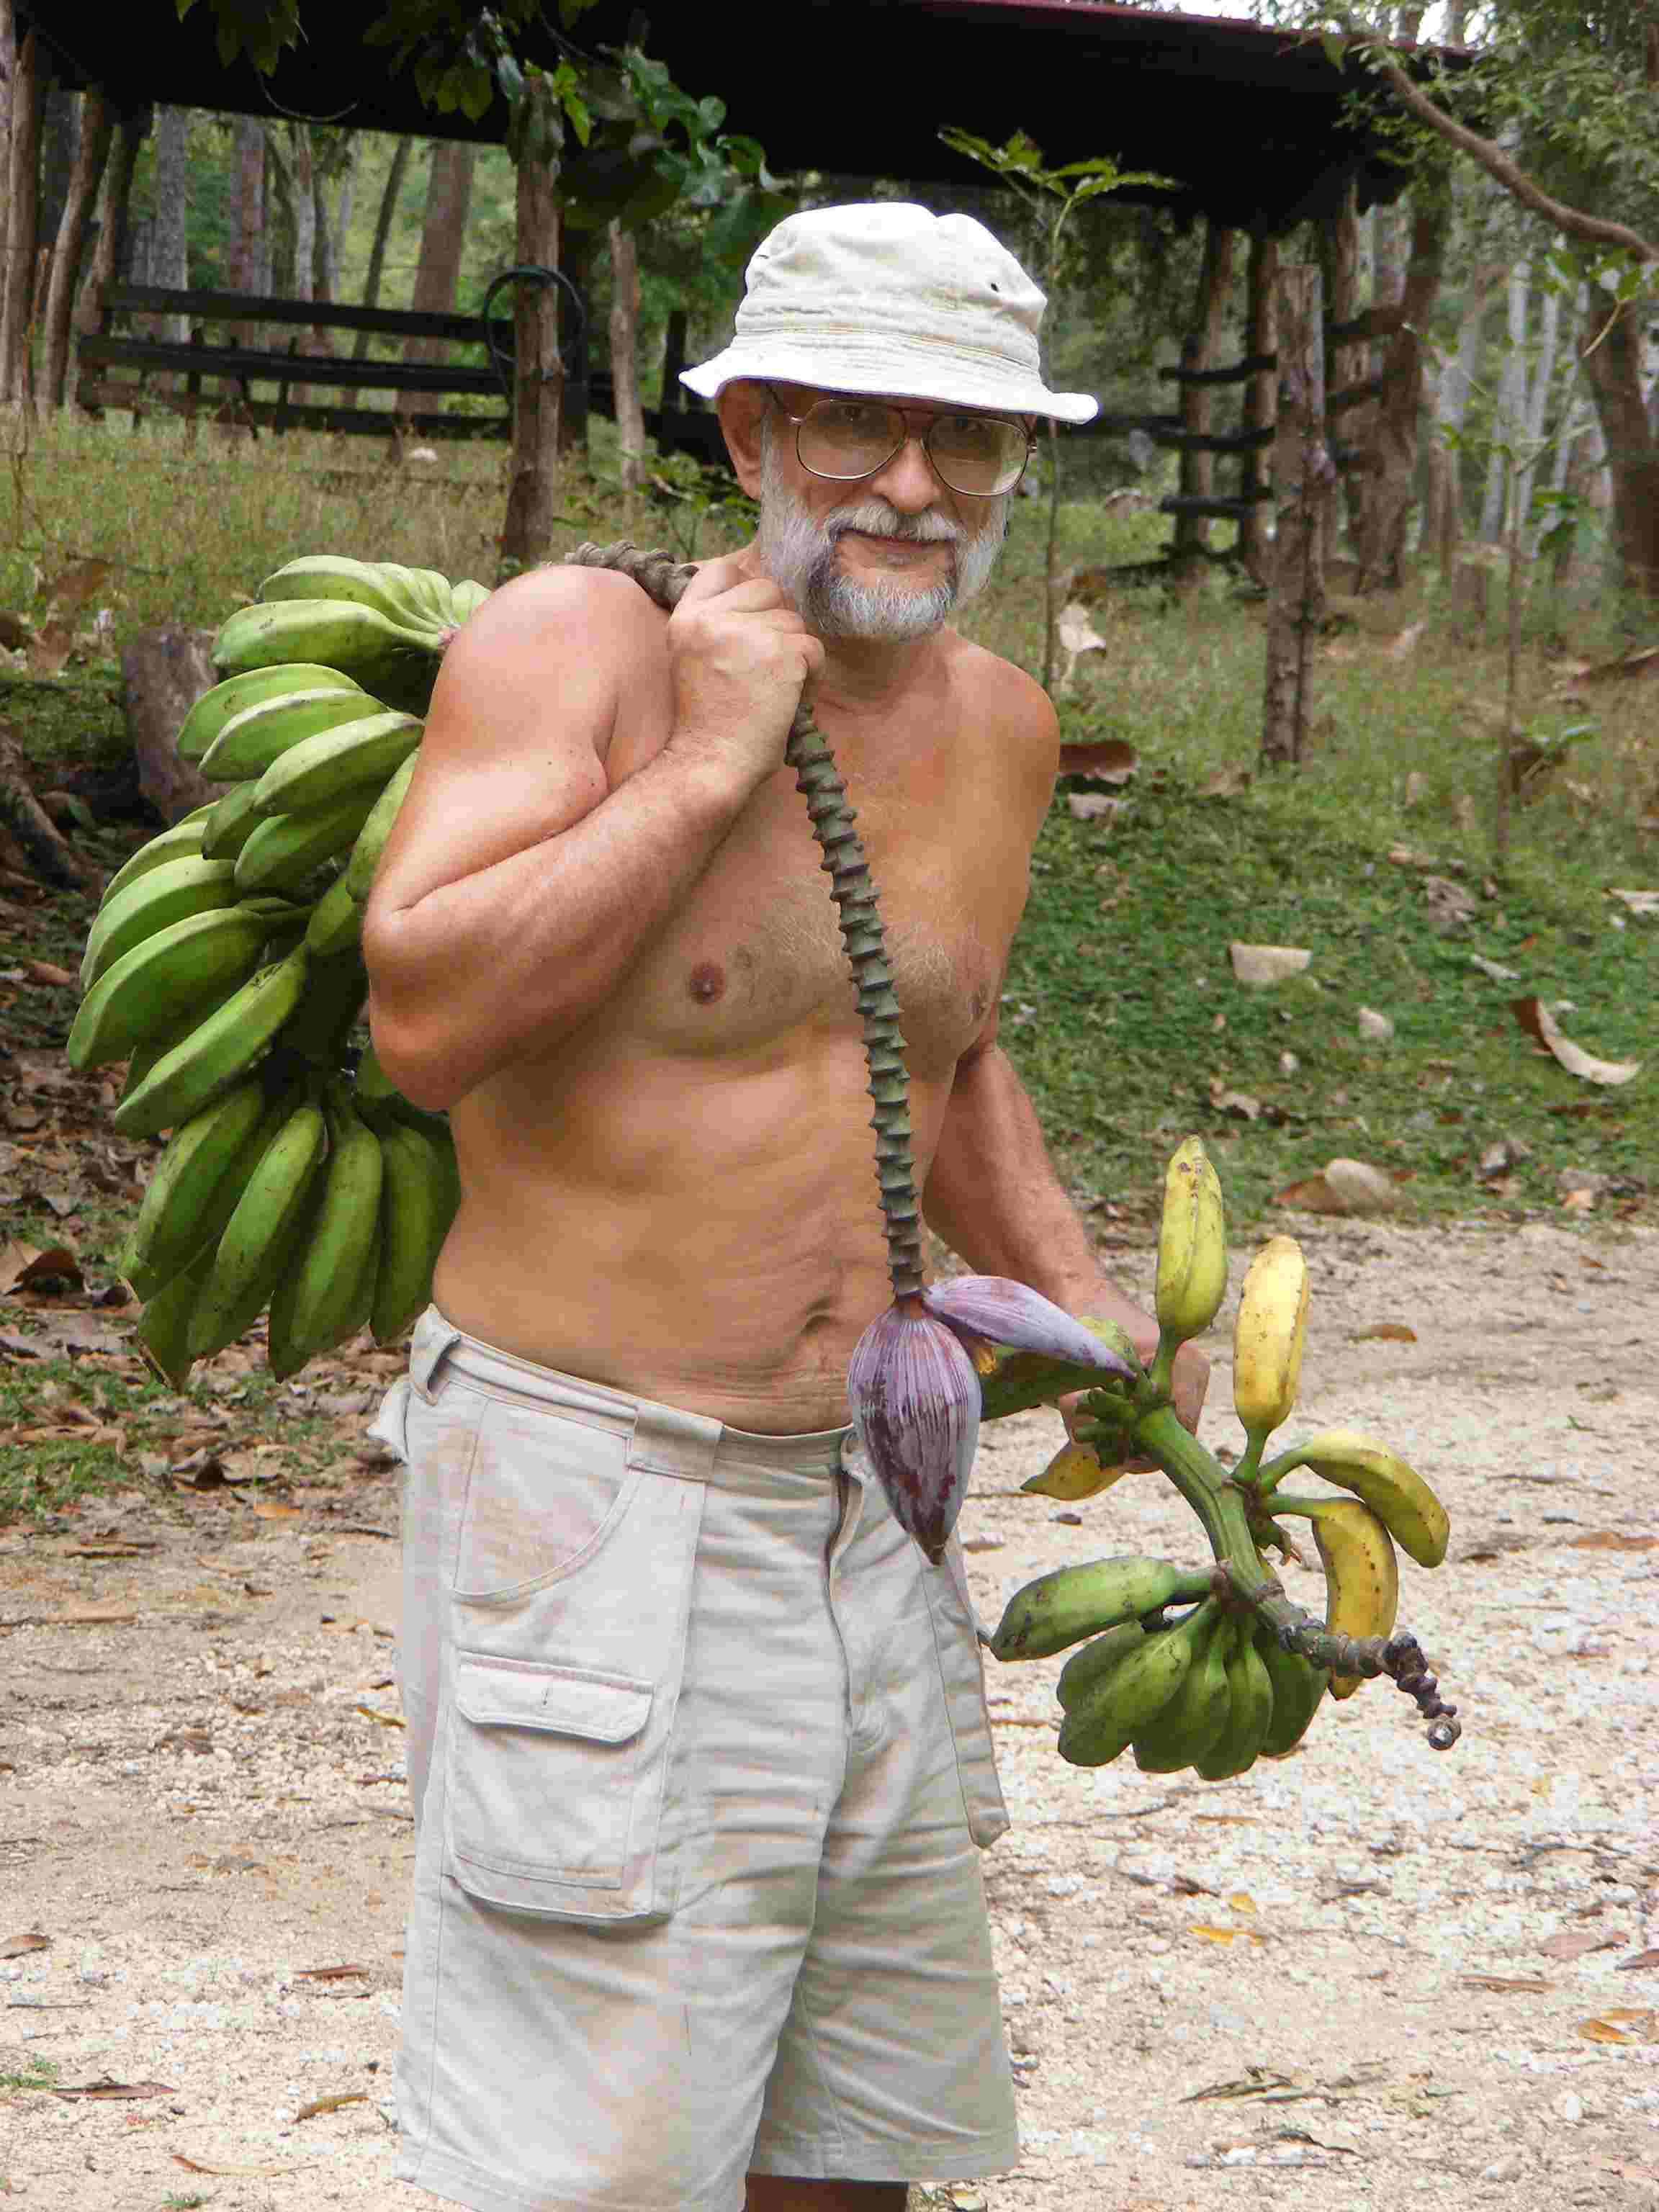 The fruits of tropics